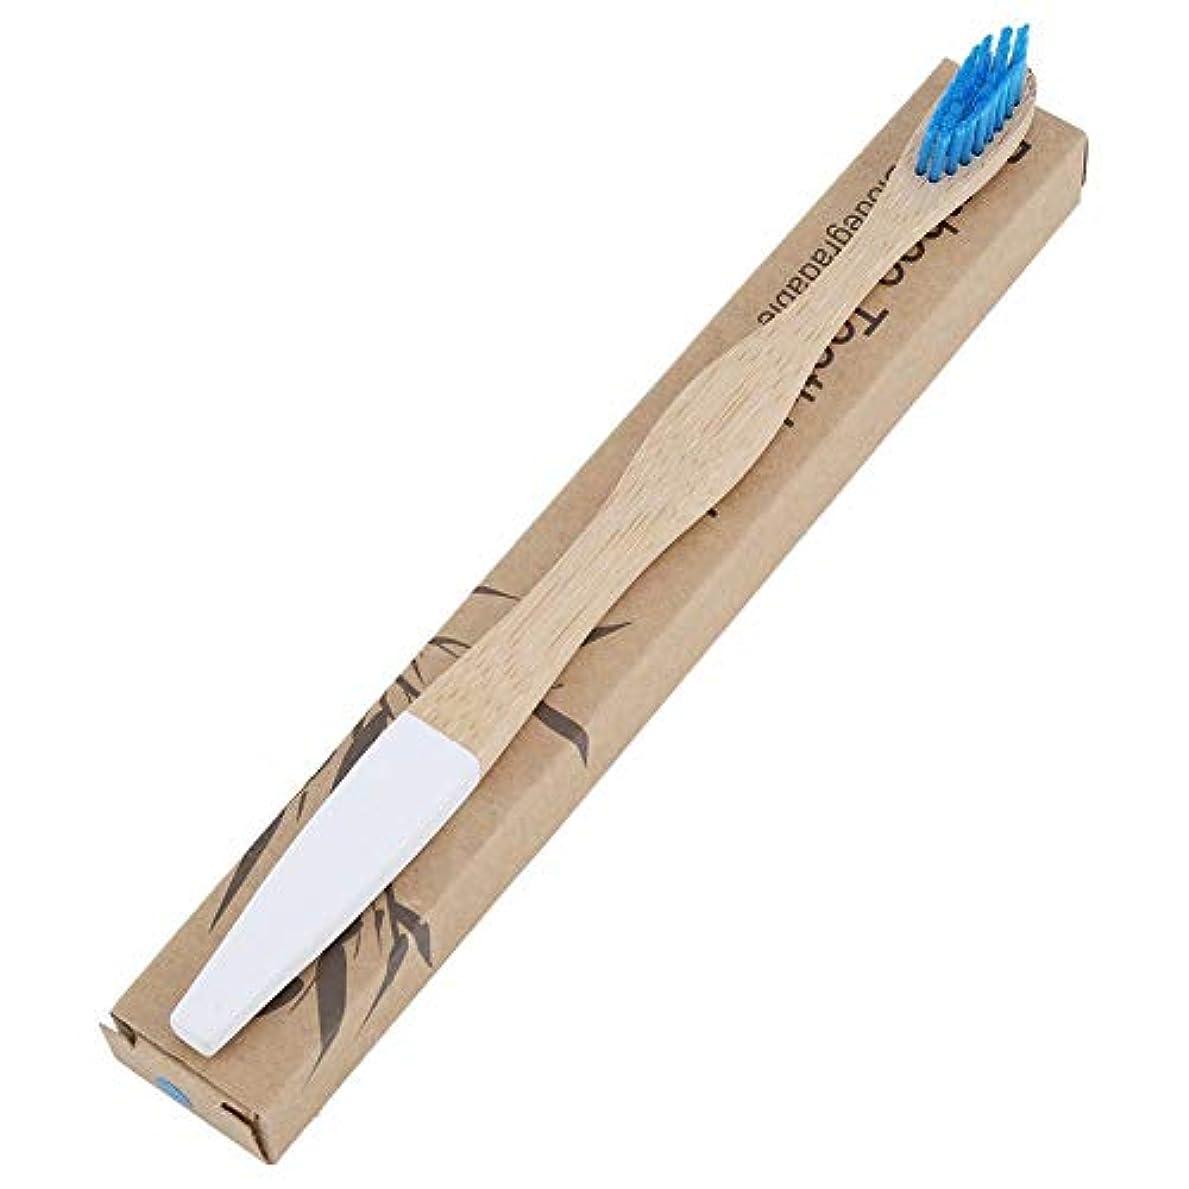 リフレッシュ突っ込むウェブ口の健康 贅沢ケア 柔らかい歯ブラシ 歯ブラシ 歯周ケアハブラシ 超極細毛 コンパクトかため 竹ハンドル ブラシ 知覚過敏予防 大人用ハブラシ 2本 色は選べません(ブルー)